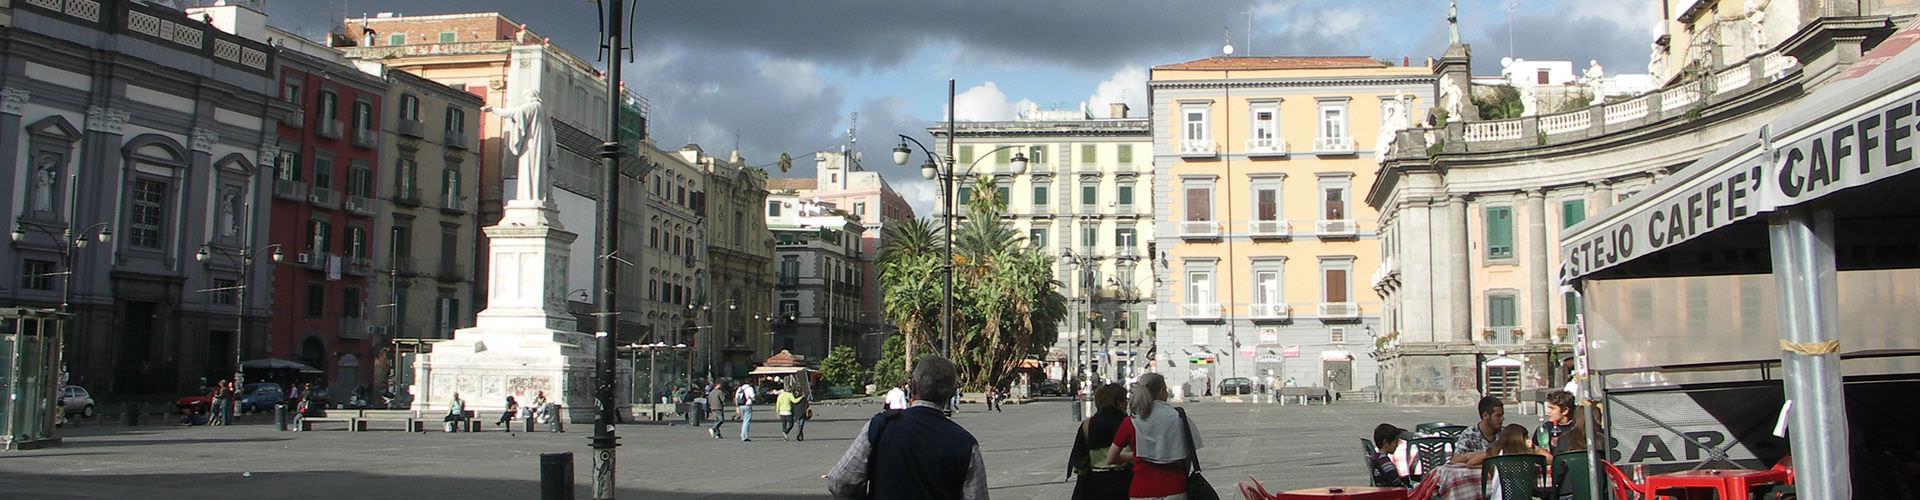 Firenze – Hostellit kaupungiosassa Leon d'Oro. Firenze -karttoja, valokuvia ja arvosteluja kaikista Firenze -hostelleista.